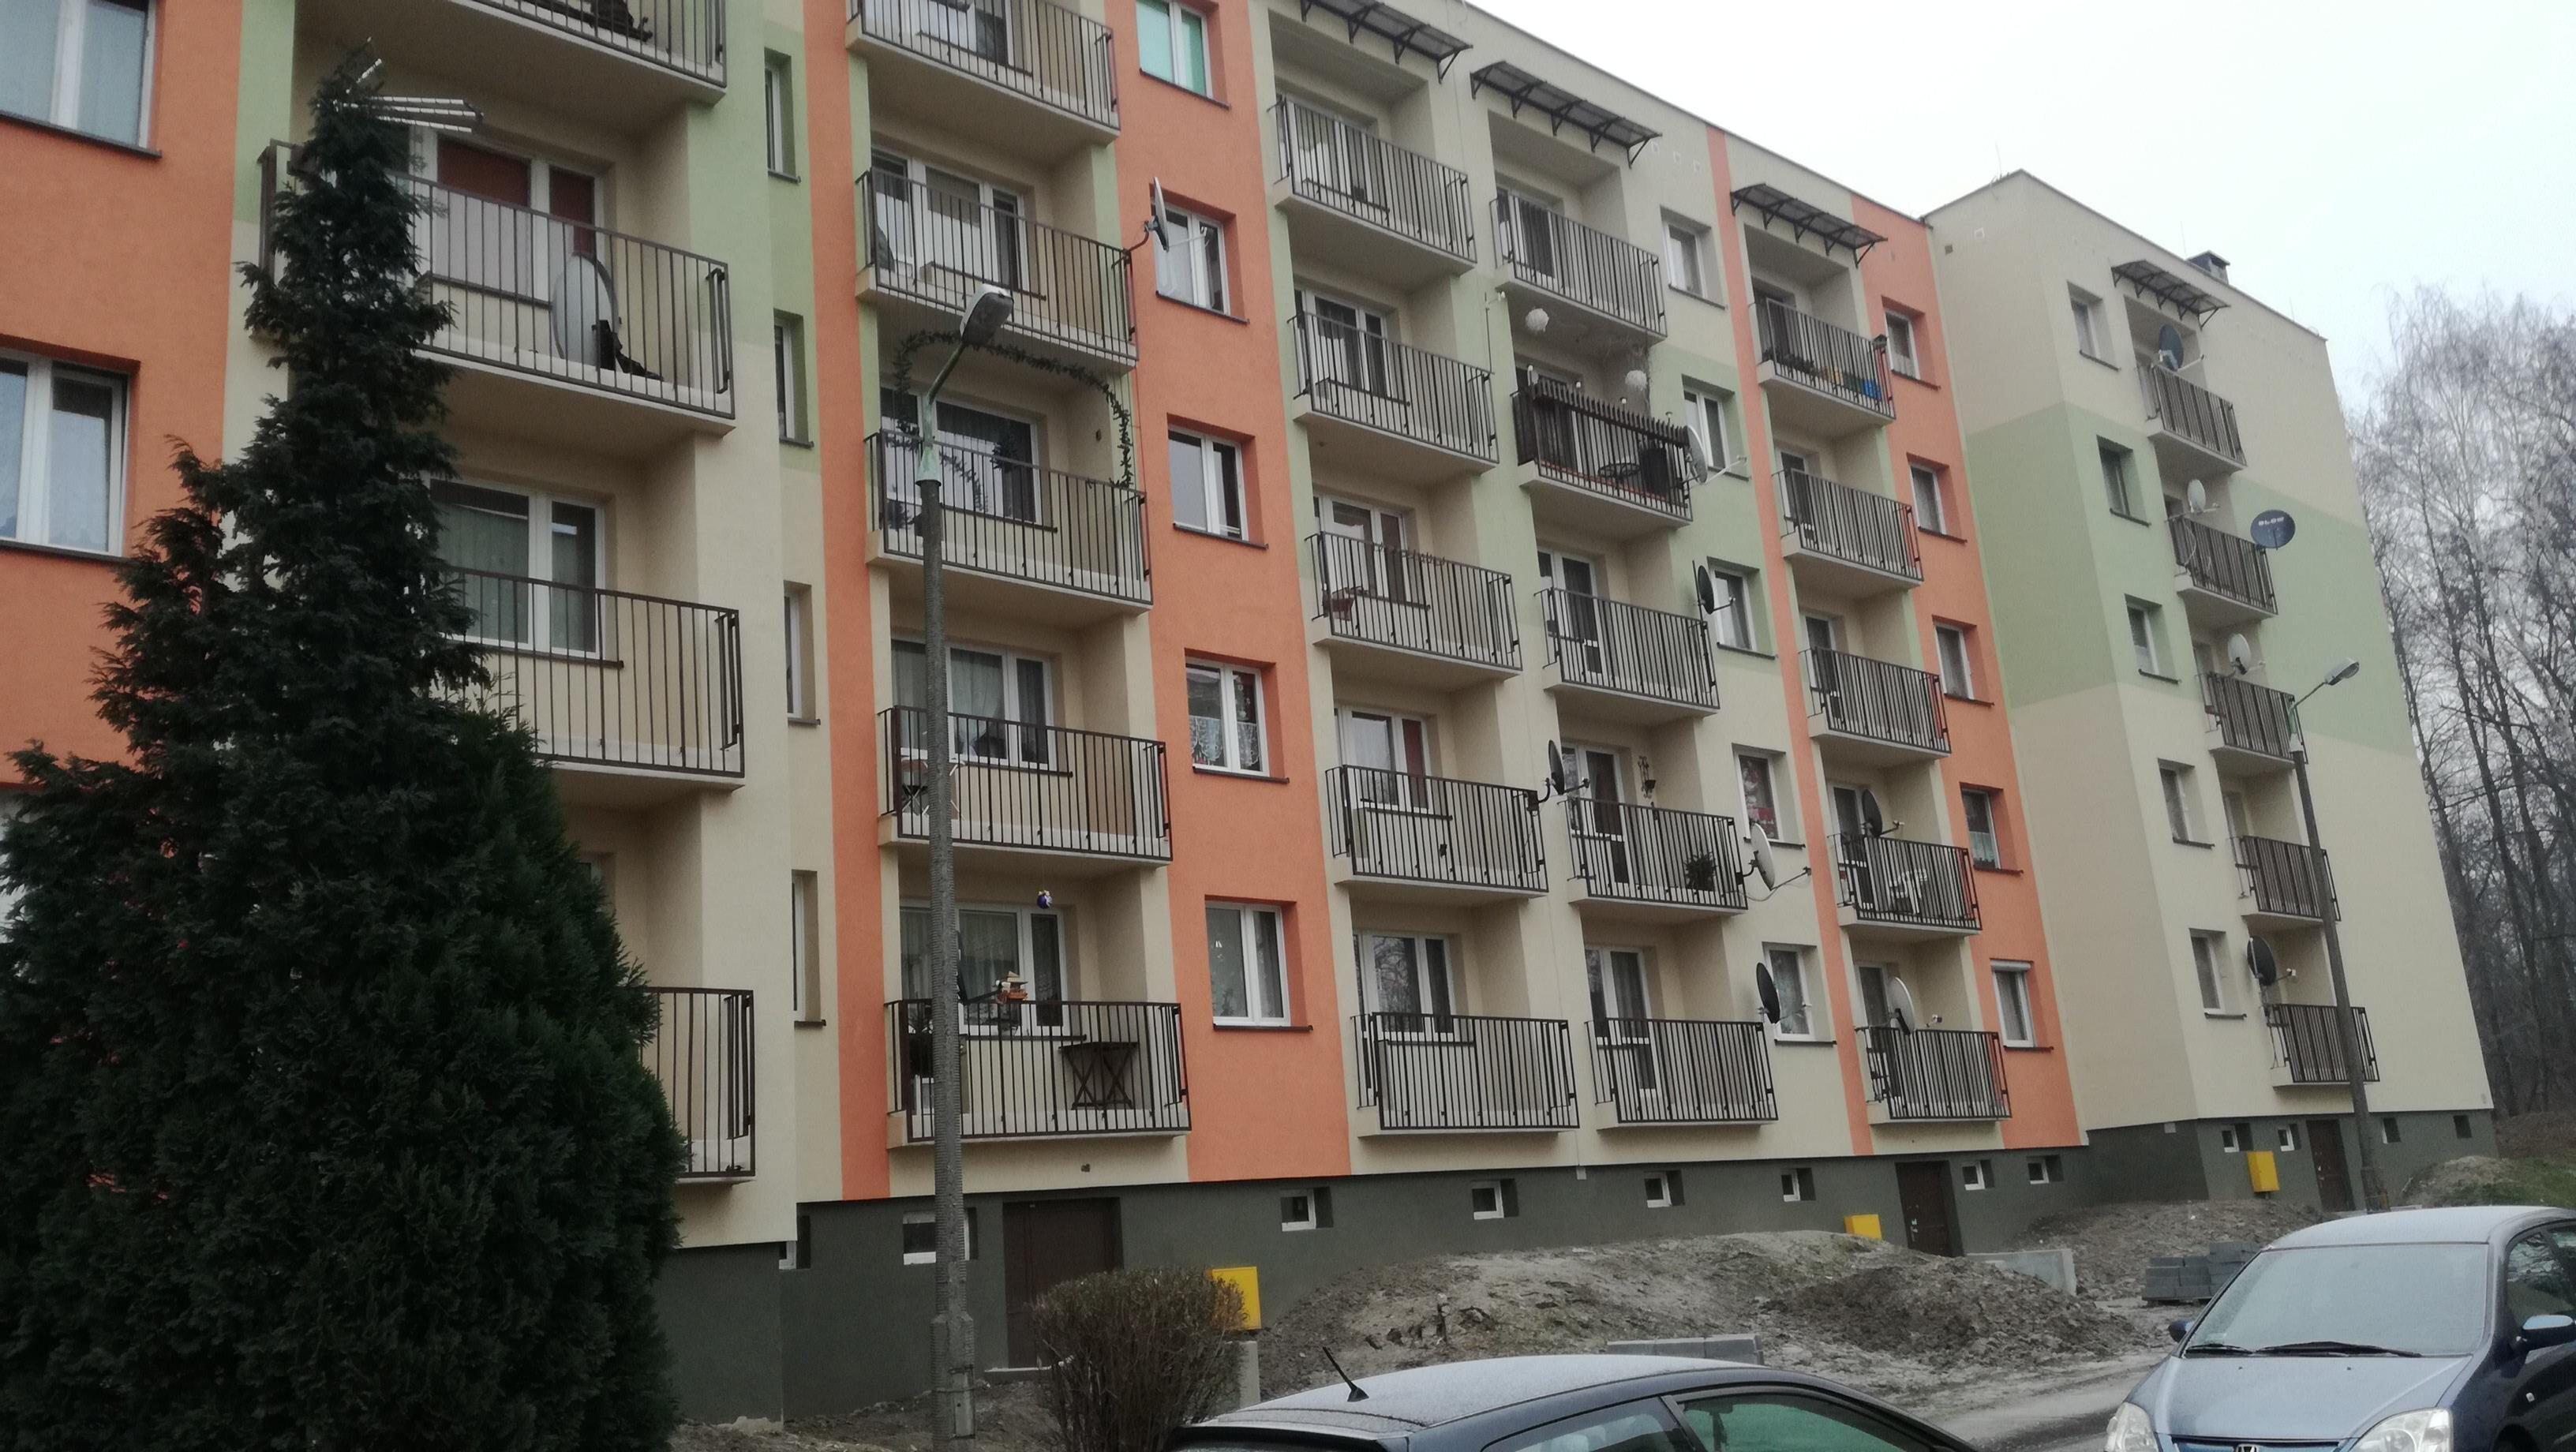 docieplenie_elewacji_budynku_2011_swietochlowice_